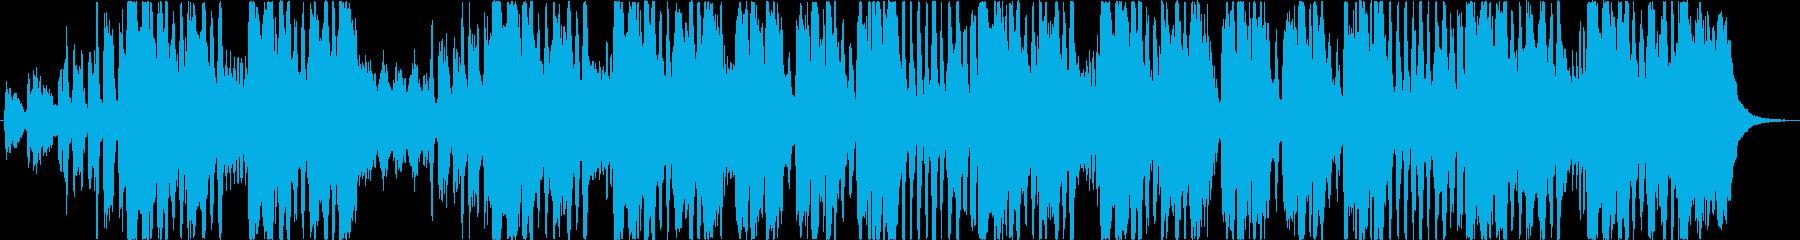 メンデルスゾーンの結婚行進曲(冒頭)ですの再生済みの波形